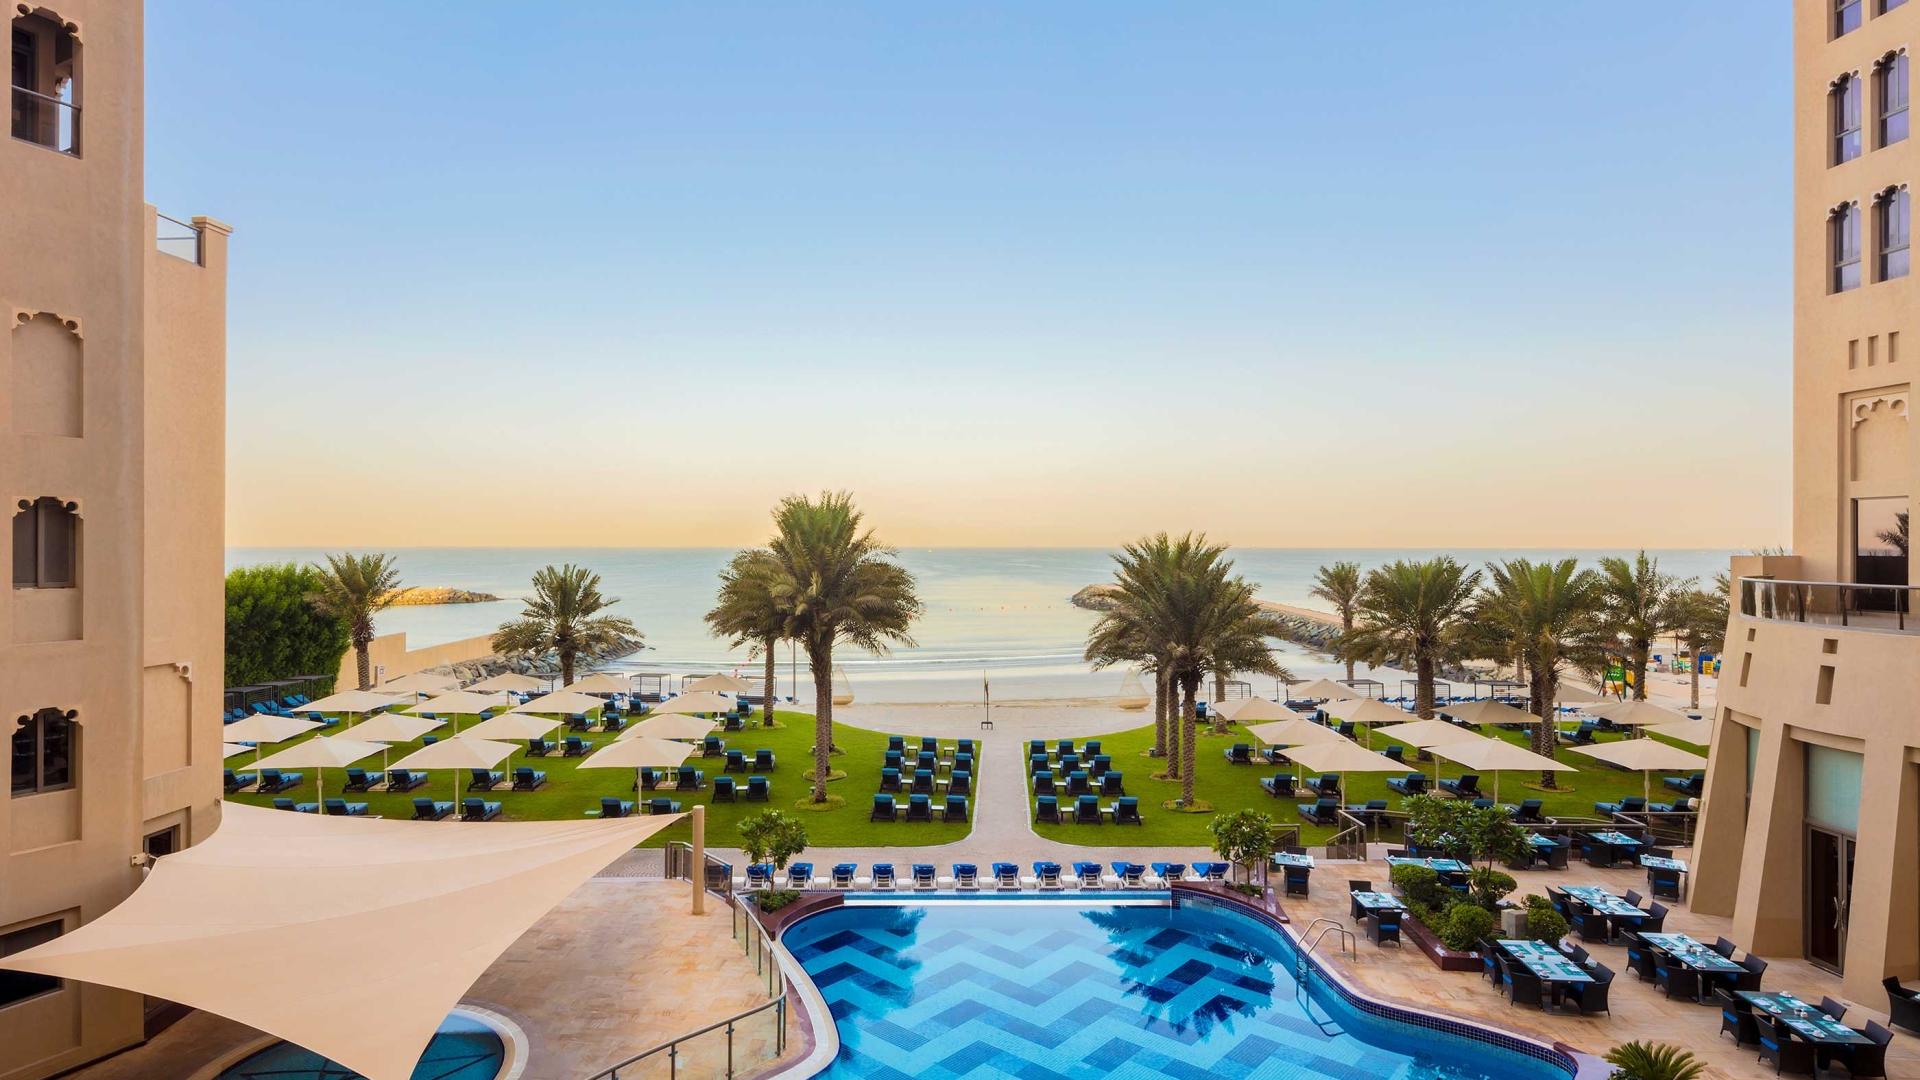 Bahi Ajman Palace Hotel Pool